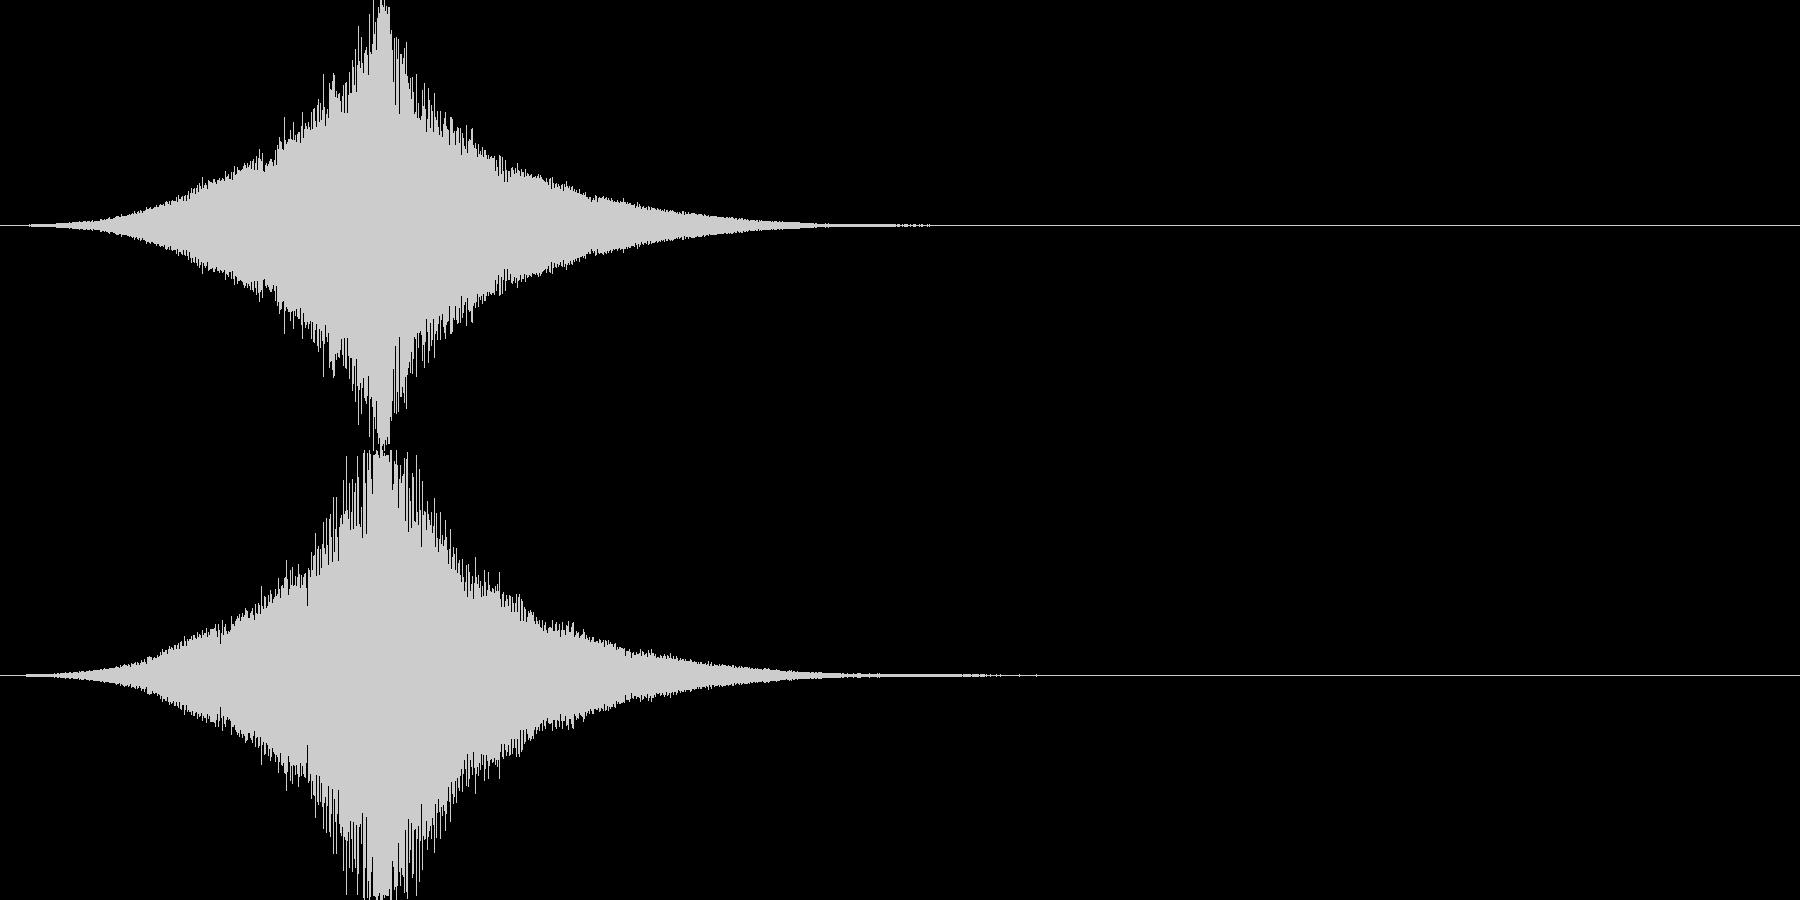 インパクト/フェード/大きくなる/重厚1の未再生の波形